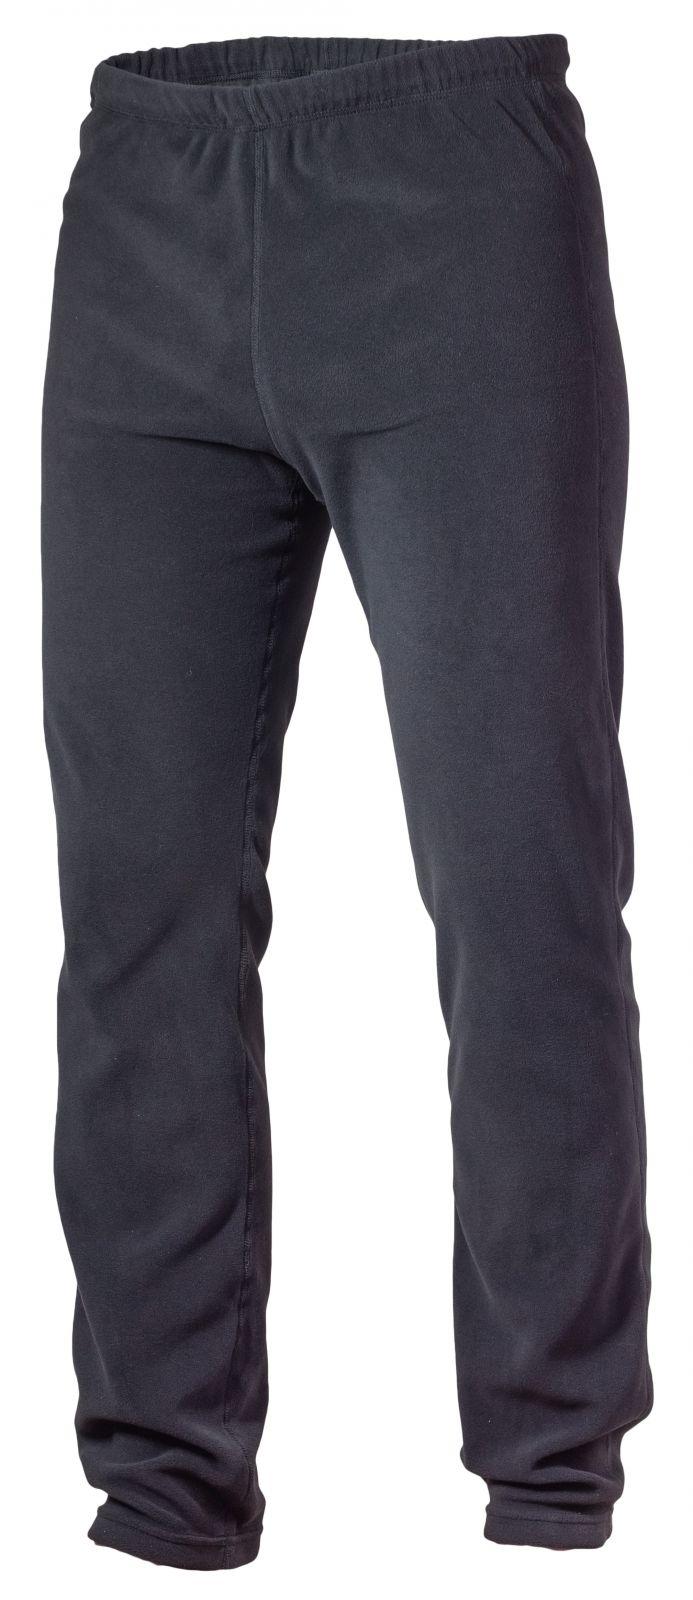 Warmpeace Jive black kalhoty z Polartec Micro